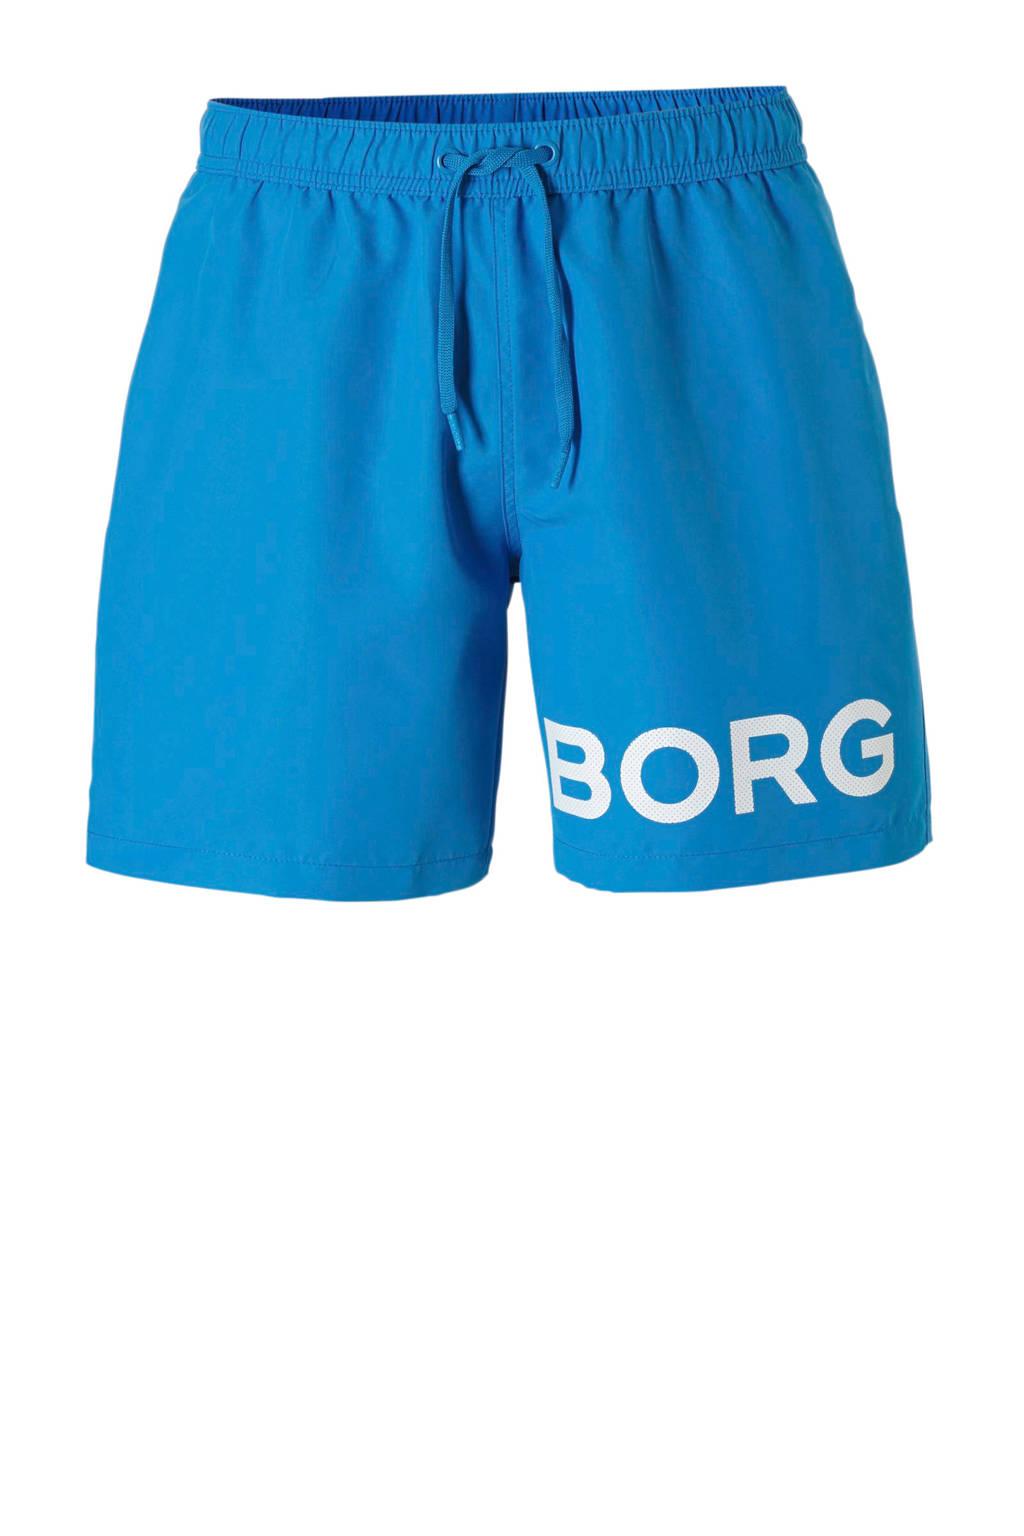 Björn Borg zwemshort met logo blauw, Blauw